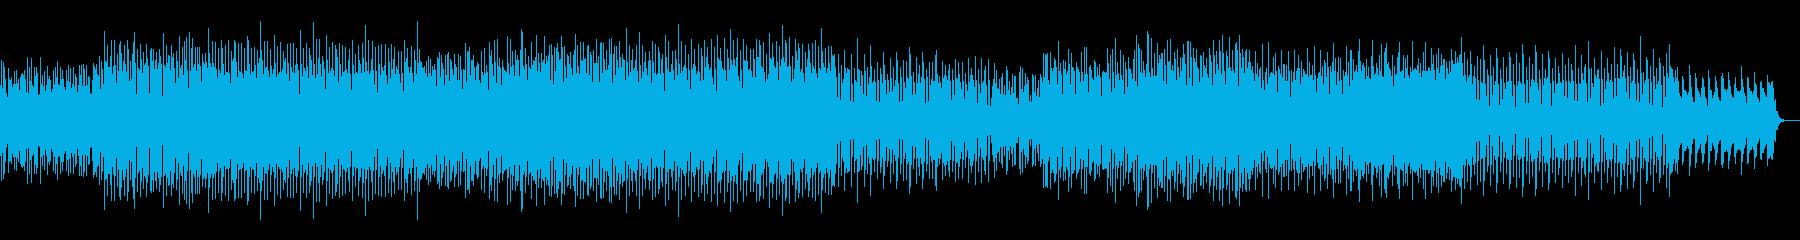 エレクトロ・EDM・テクノ・未来的の再生済みの波形